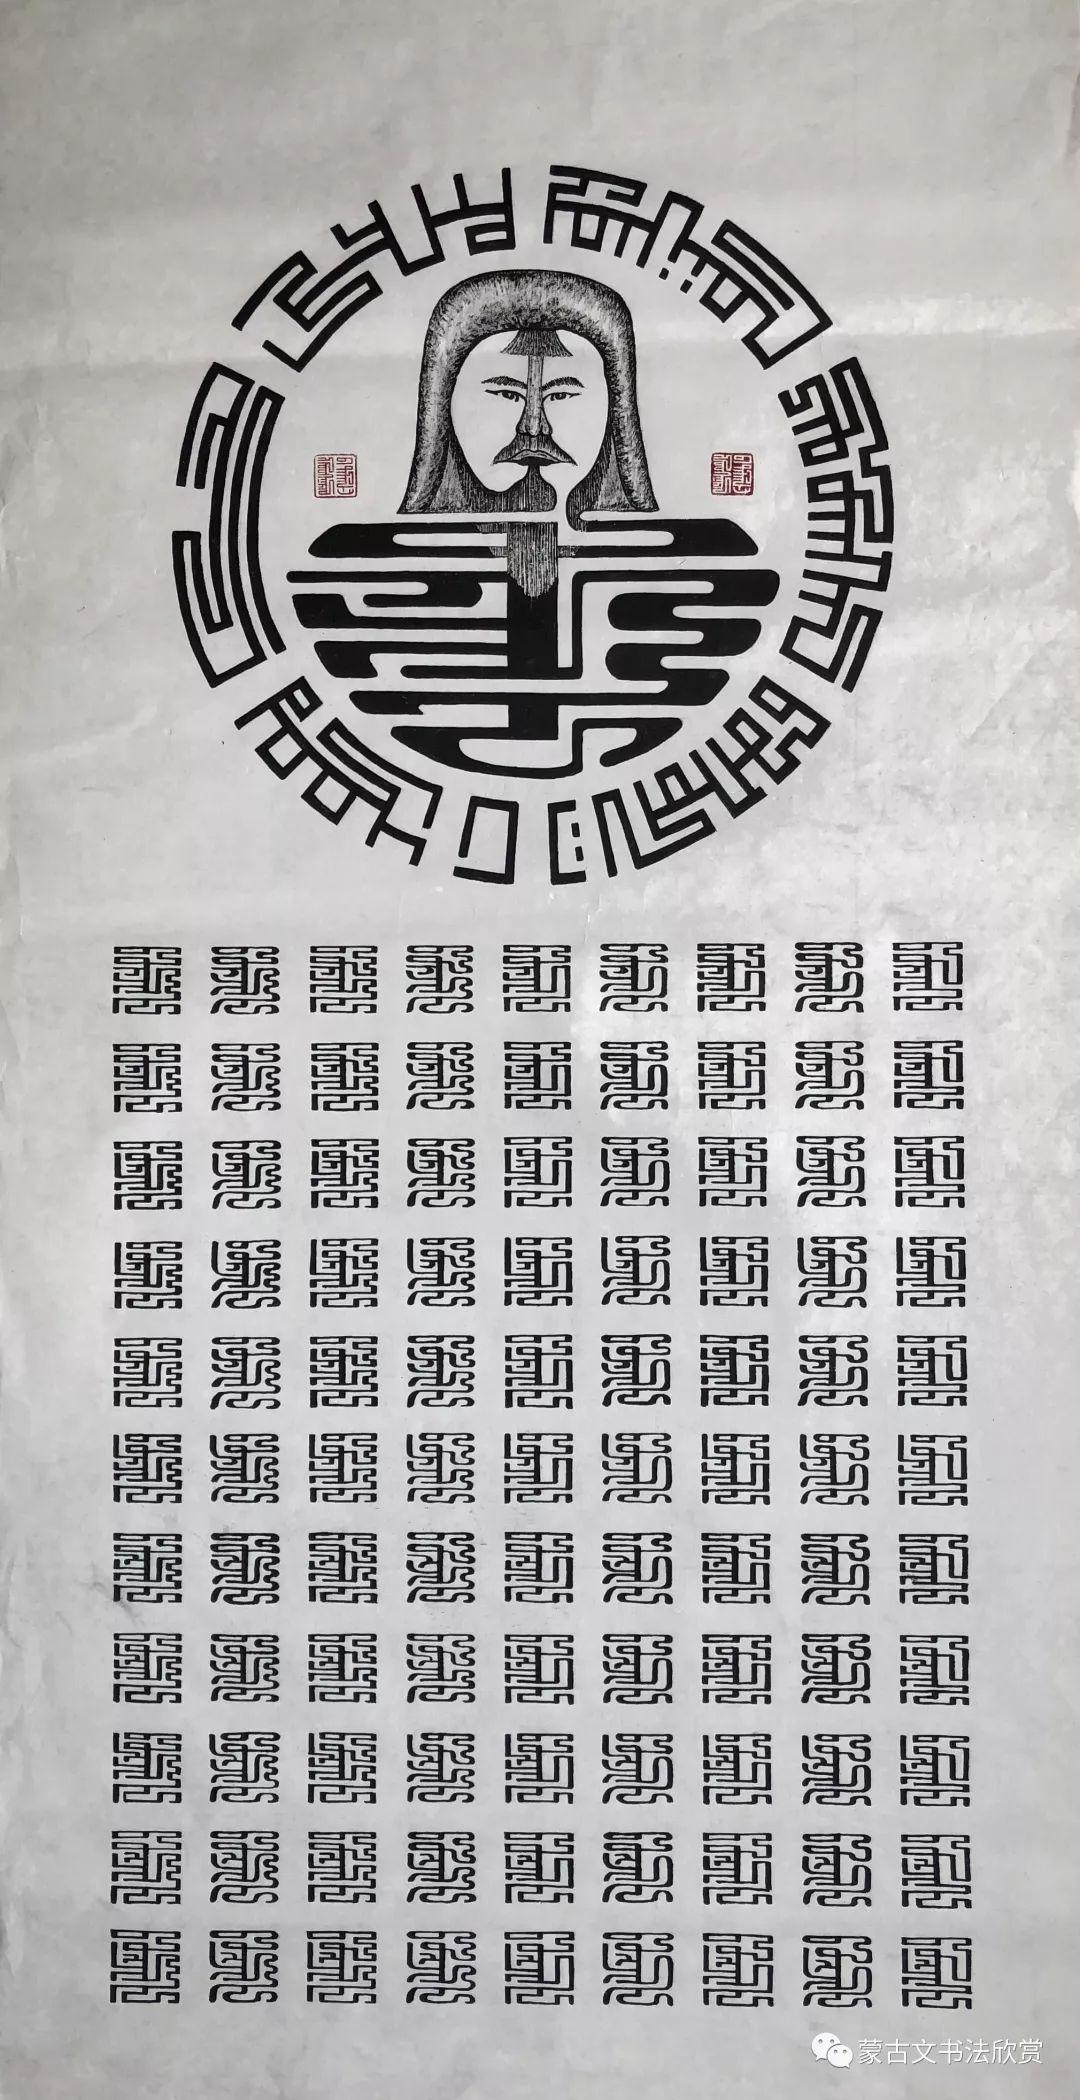 蒙古文书法欣赏——好斯那拉 第20张